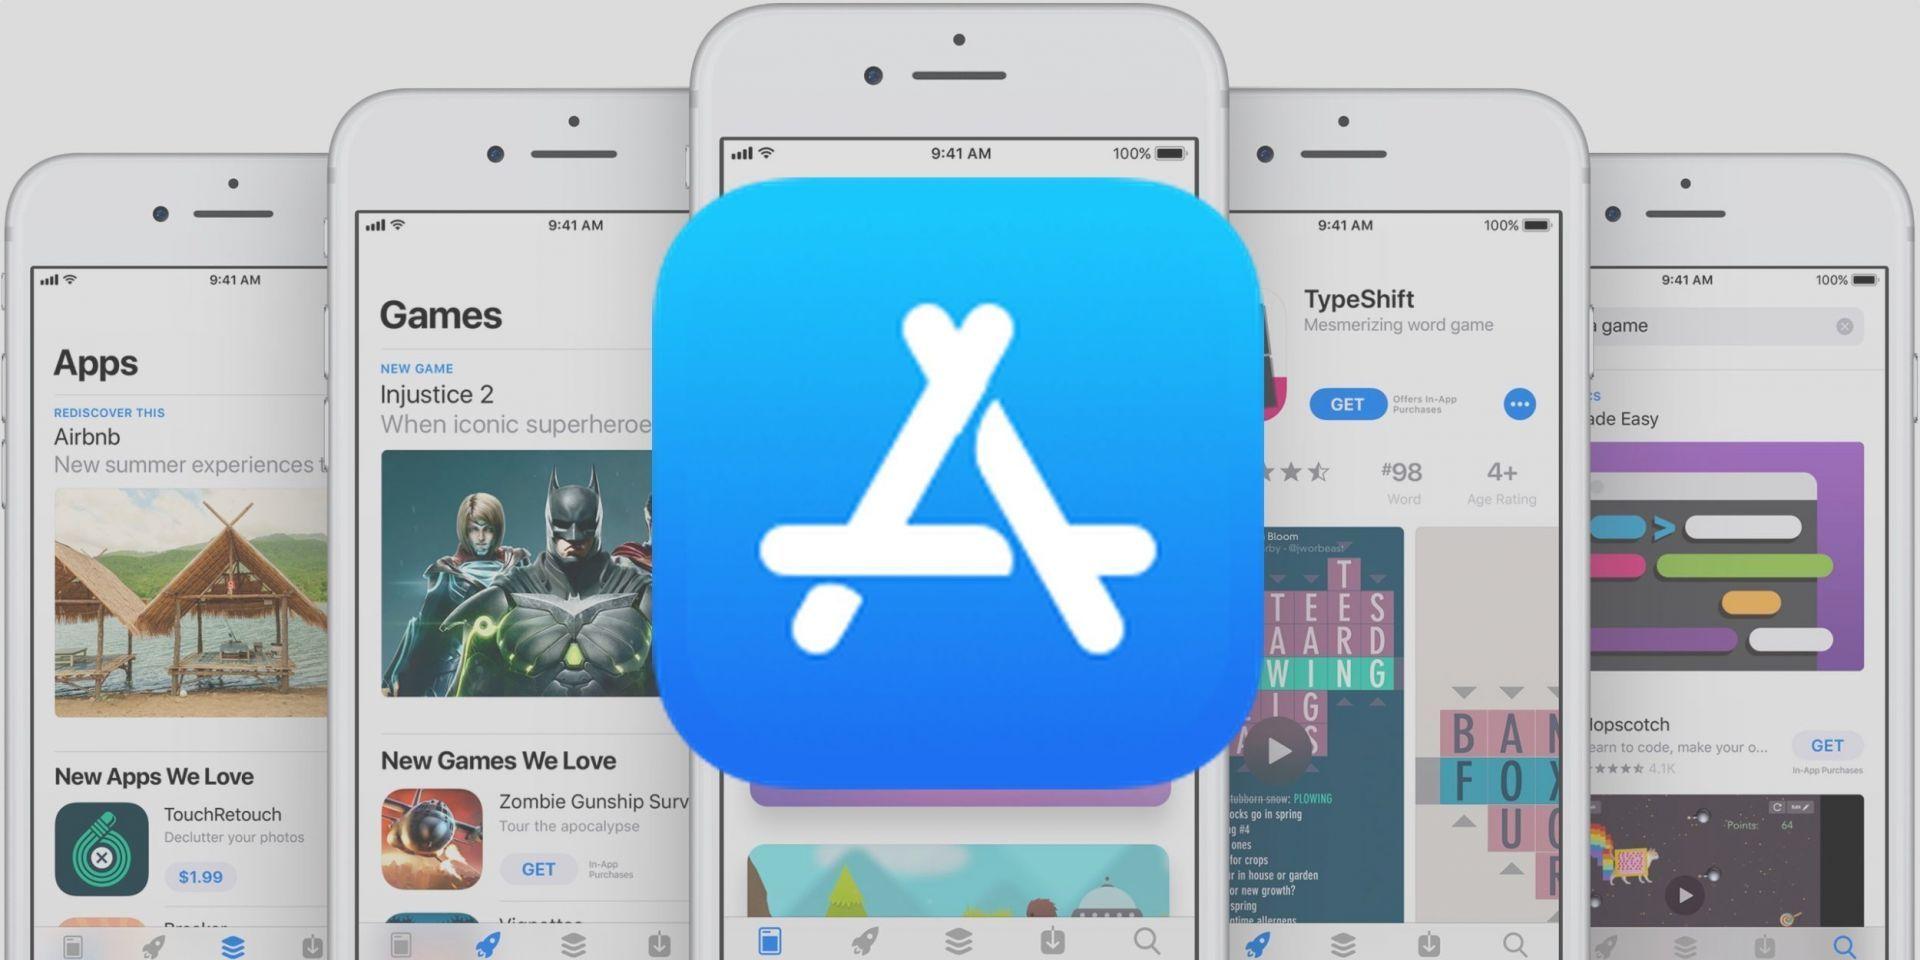 苹果将允许开发者发布适用于 iPhone、iPad 和 Mac 的通用应用程序